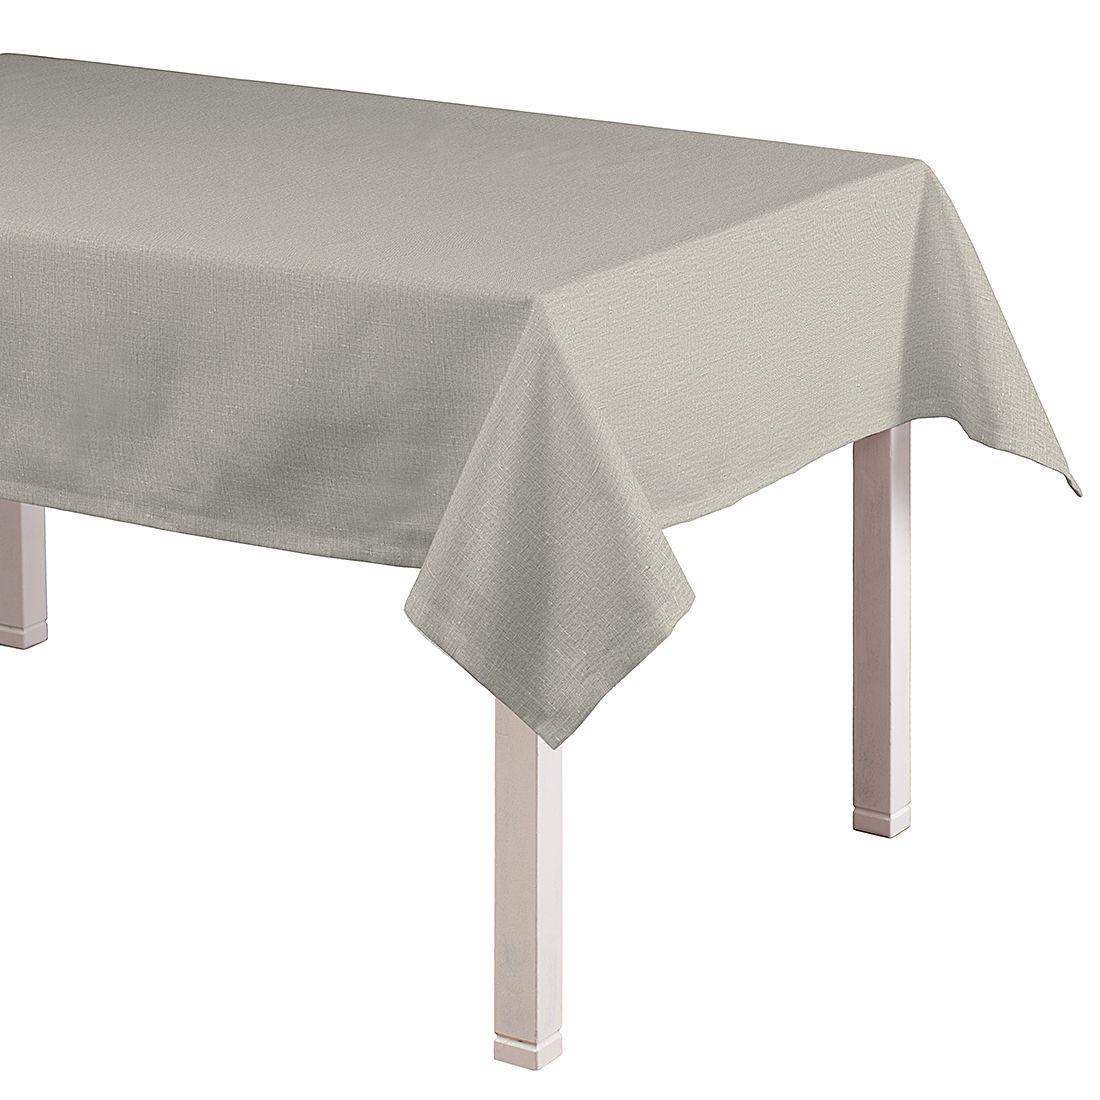 tischdecke linen beige 130 x 180 cm moebel. Black Bedroom Furniture Sets. Home Design Ideas